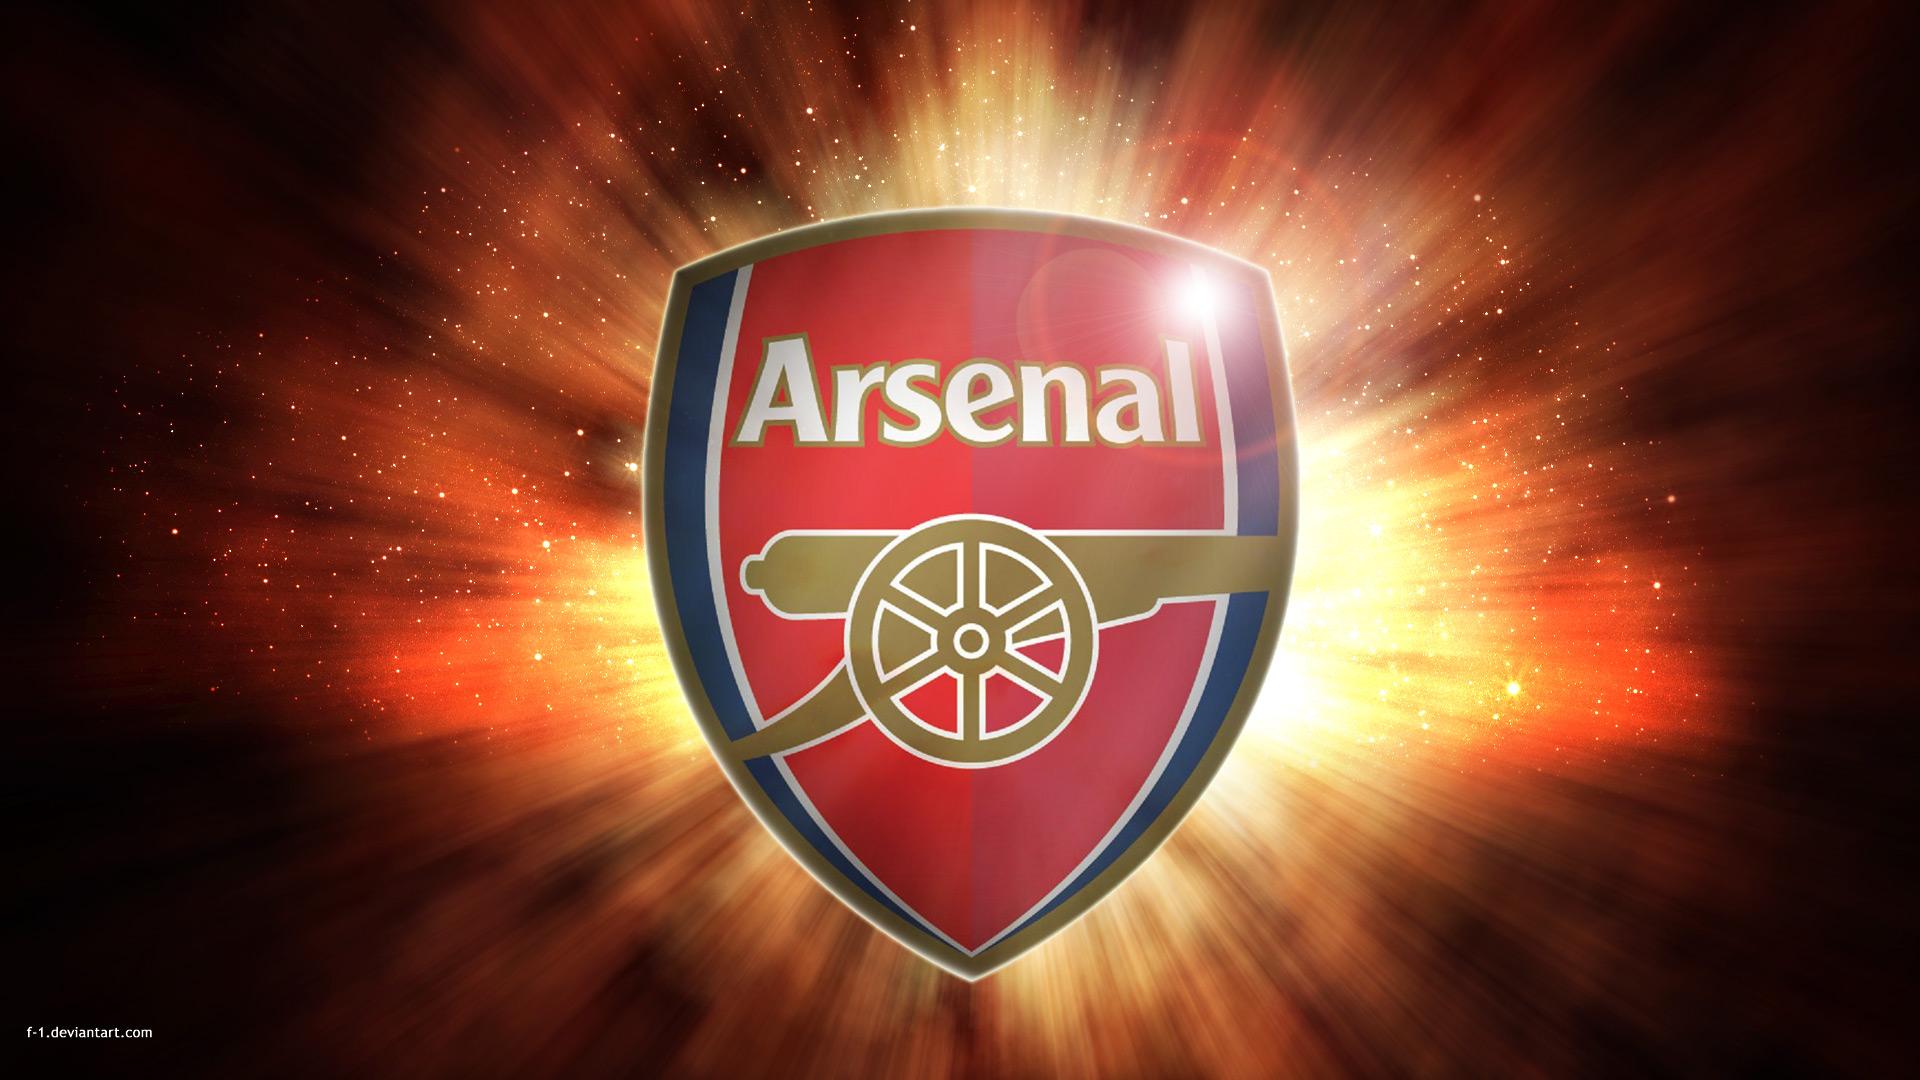 Arsenal Logo Wallpaper 2014 wallpaper   1313876 1920x1080